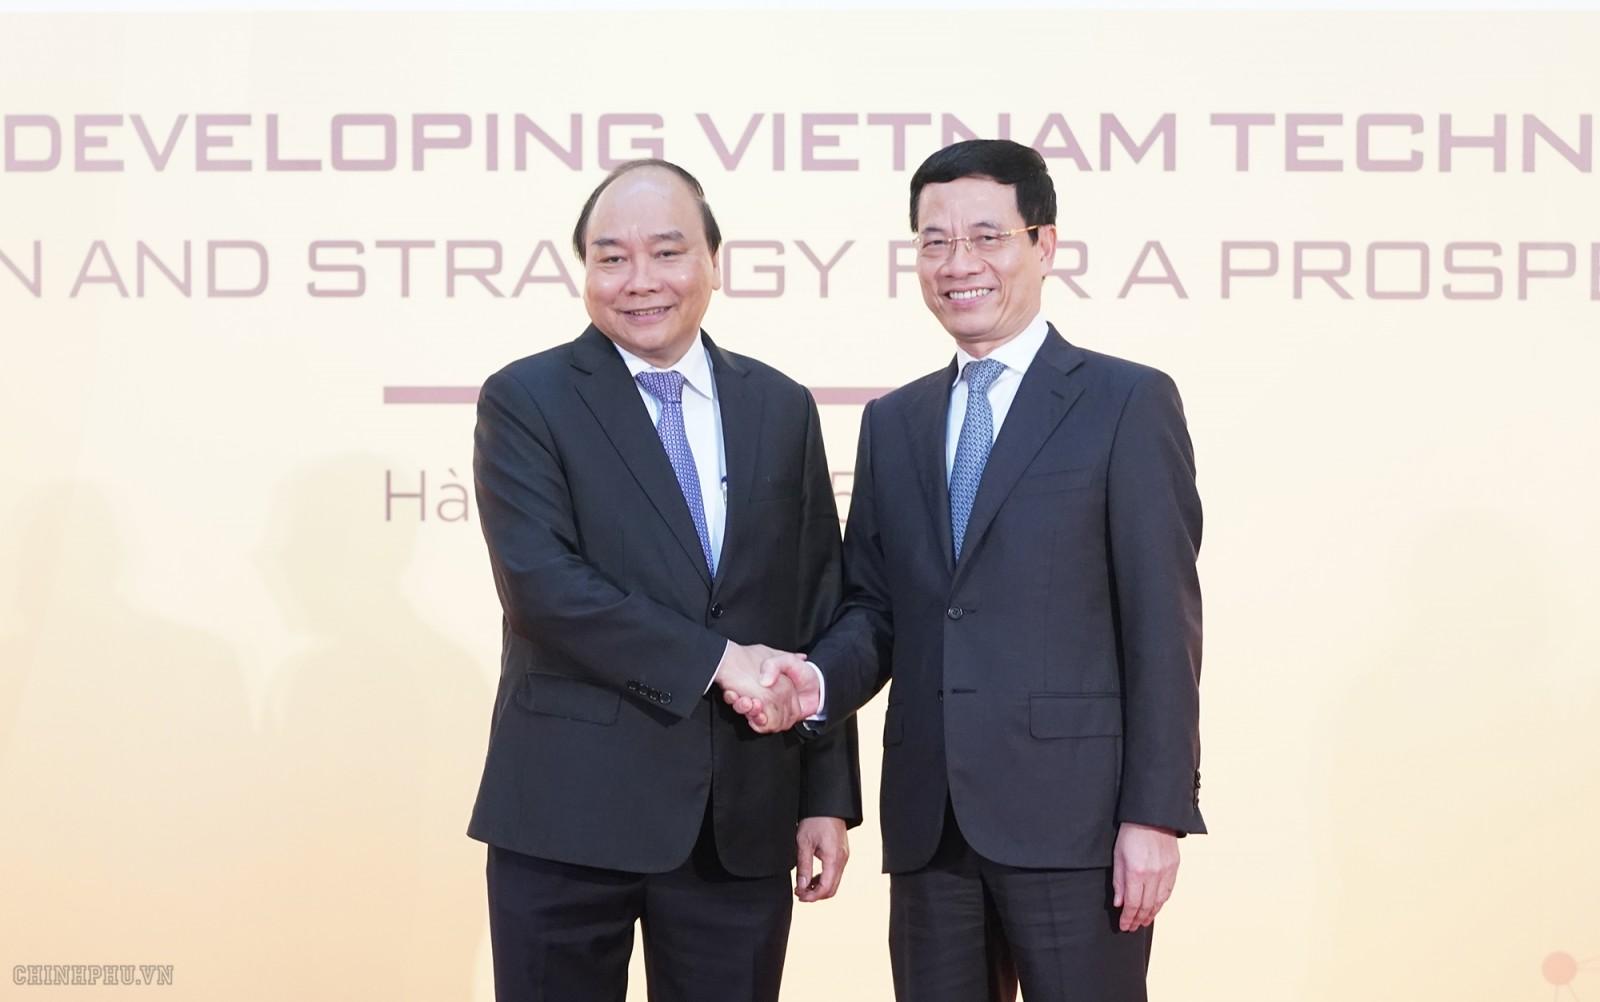 Thủ tướng Nguyễn Xuân Phúc và Bộ trưởng Bộ TTTT Nguyễn Mạnh Hùng. Ảnh VGP/Quang Hiếu